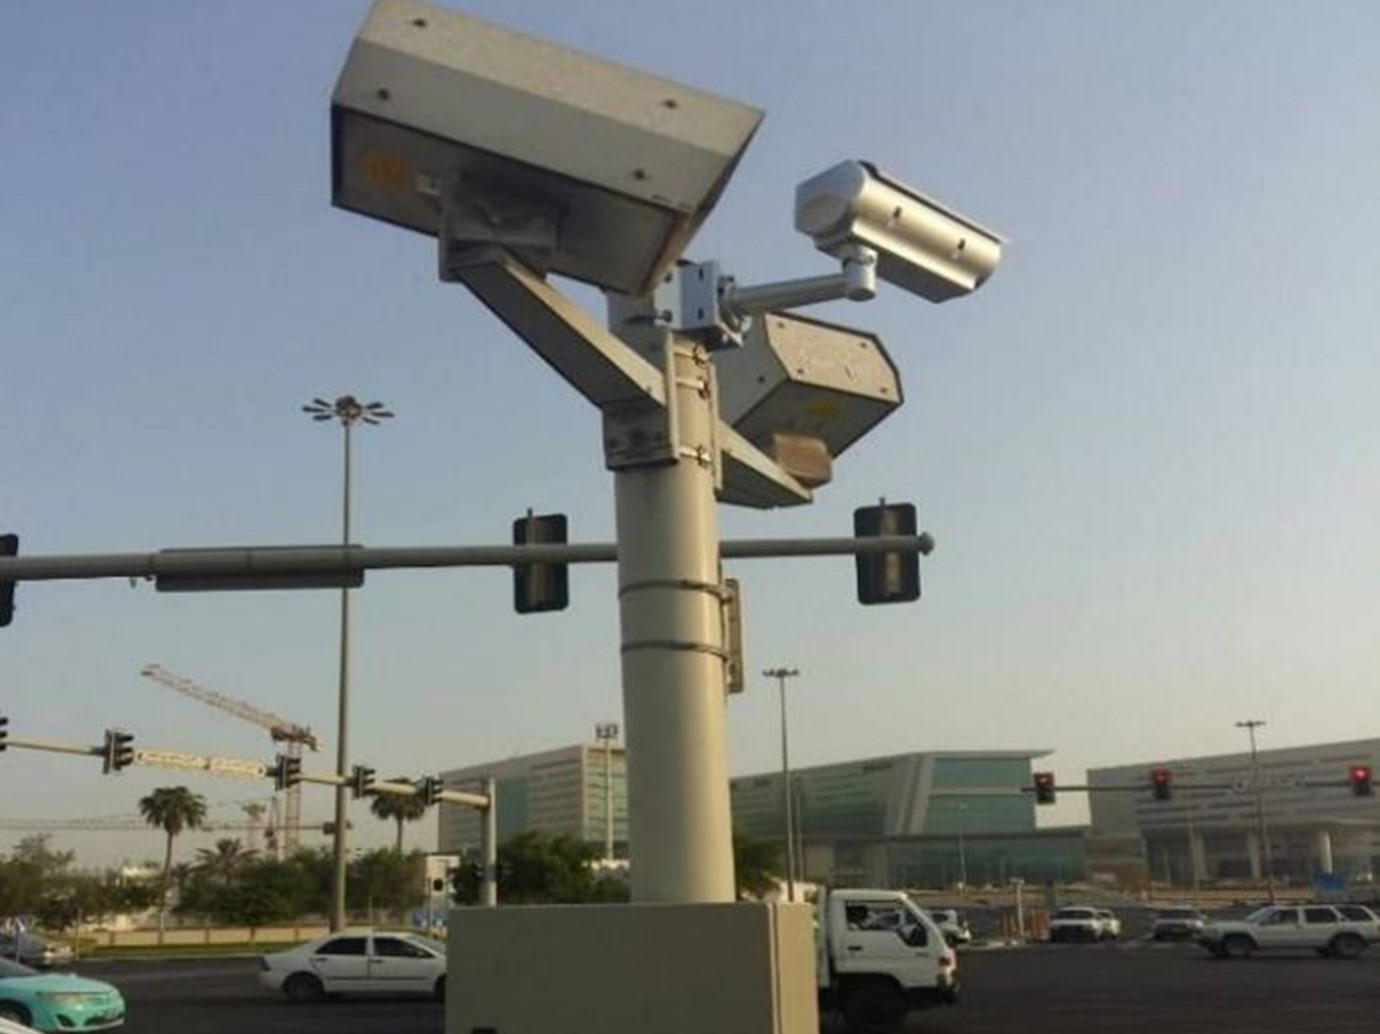 مدير دائرة التحول الالكتروني بوزارة البلديات لسرايا : (5) مركبات على الطريق الصحراوي لمراقبة السرعة والمخالفات البيئية